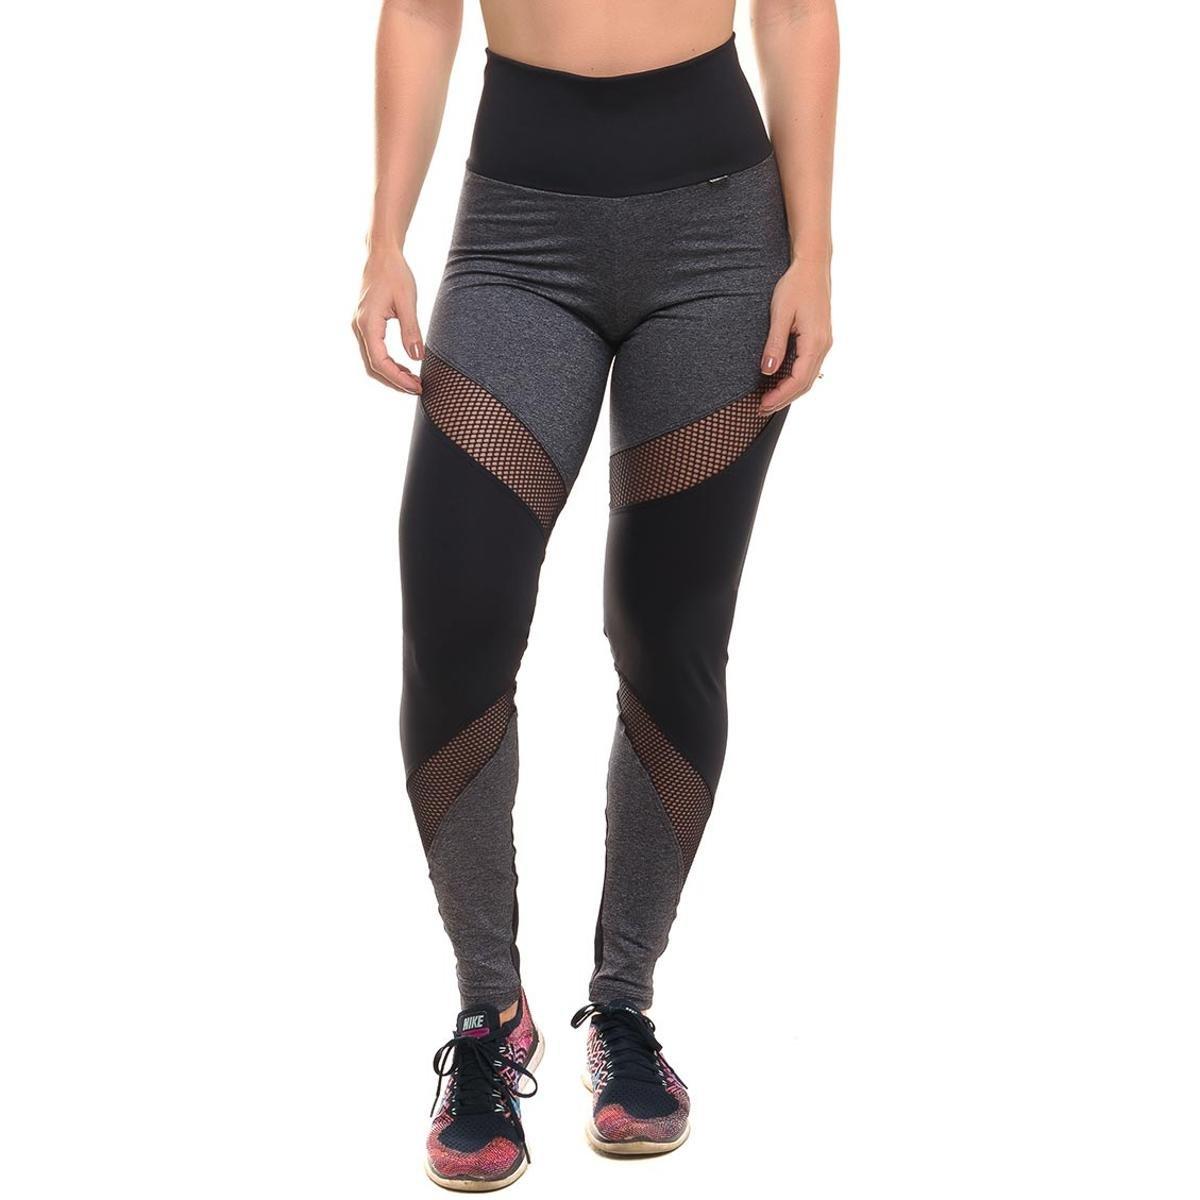 Solar Preto Fight Proteção Legging Com Fitness Sandy Feminino Chumbo e Oq1Efxv